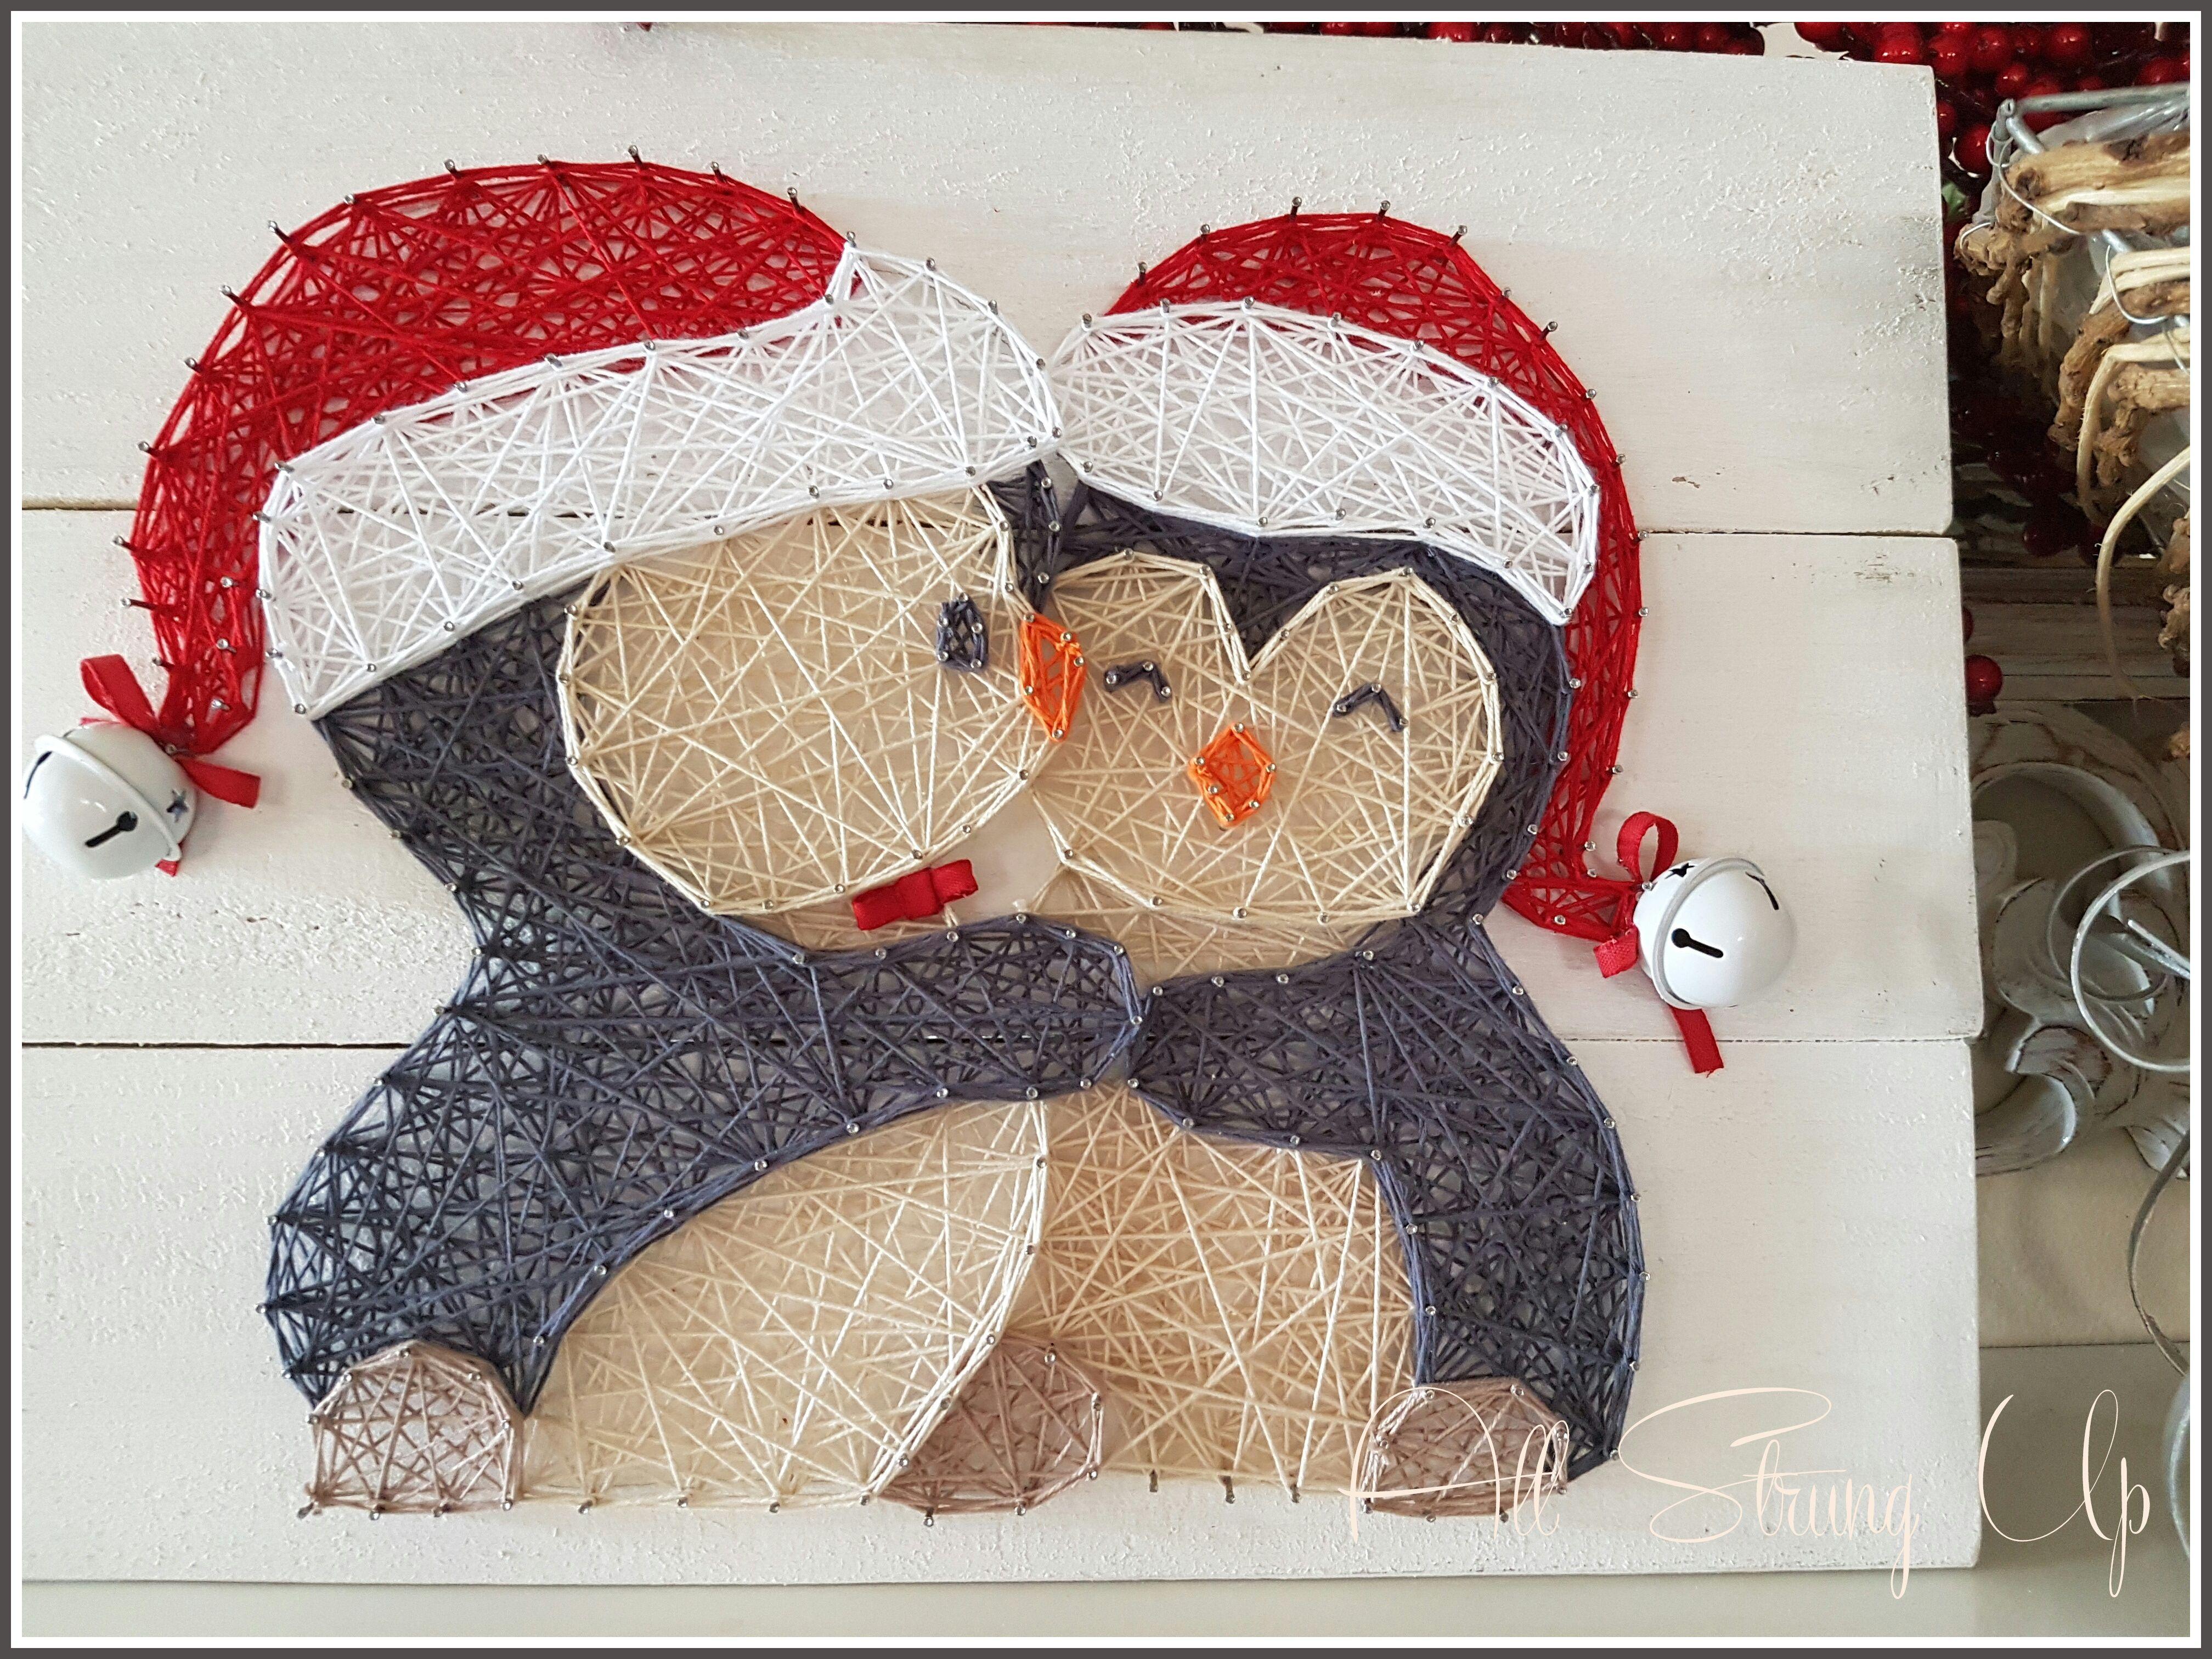 cuddle penguins - red string